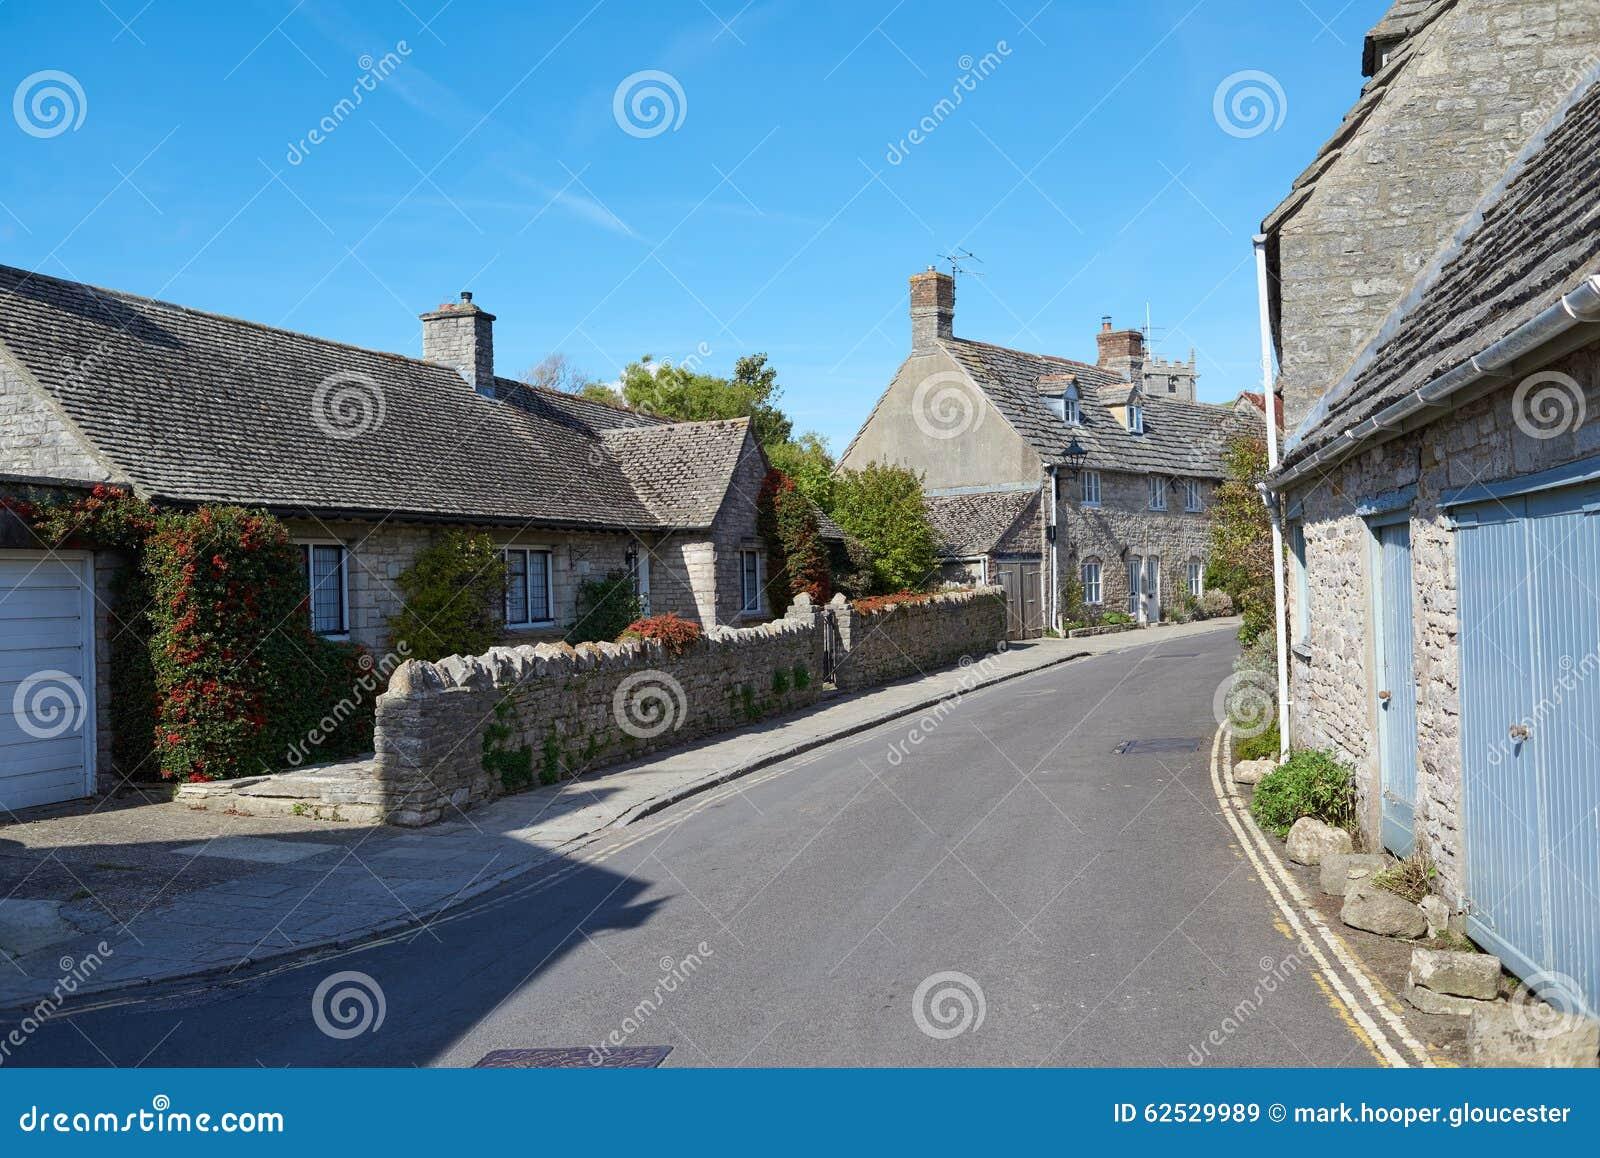 美丽如画的英国村庄场面